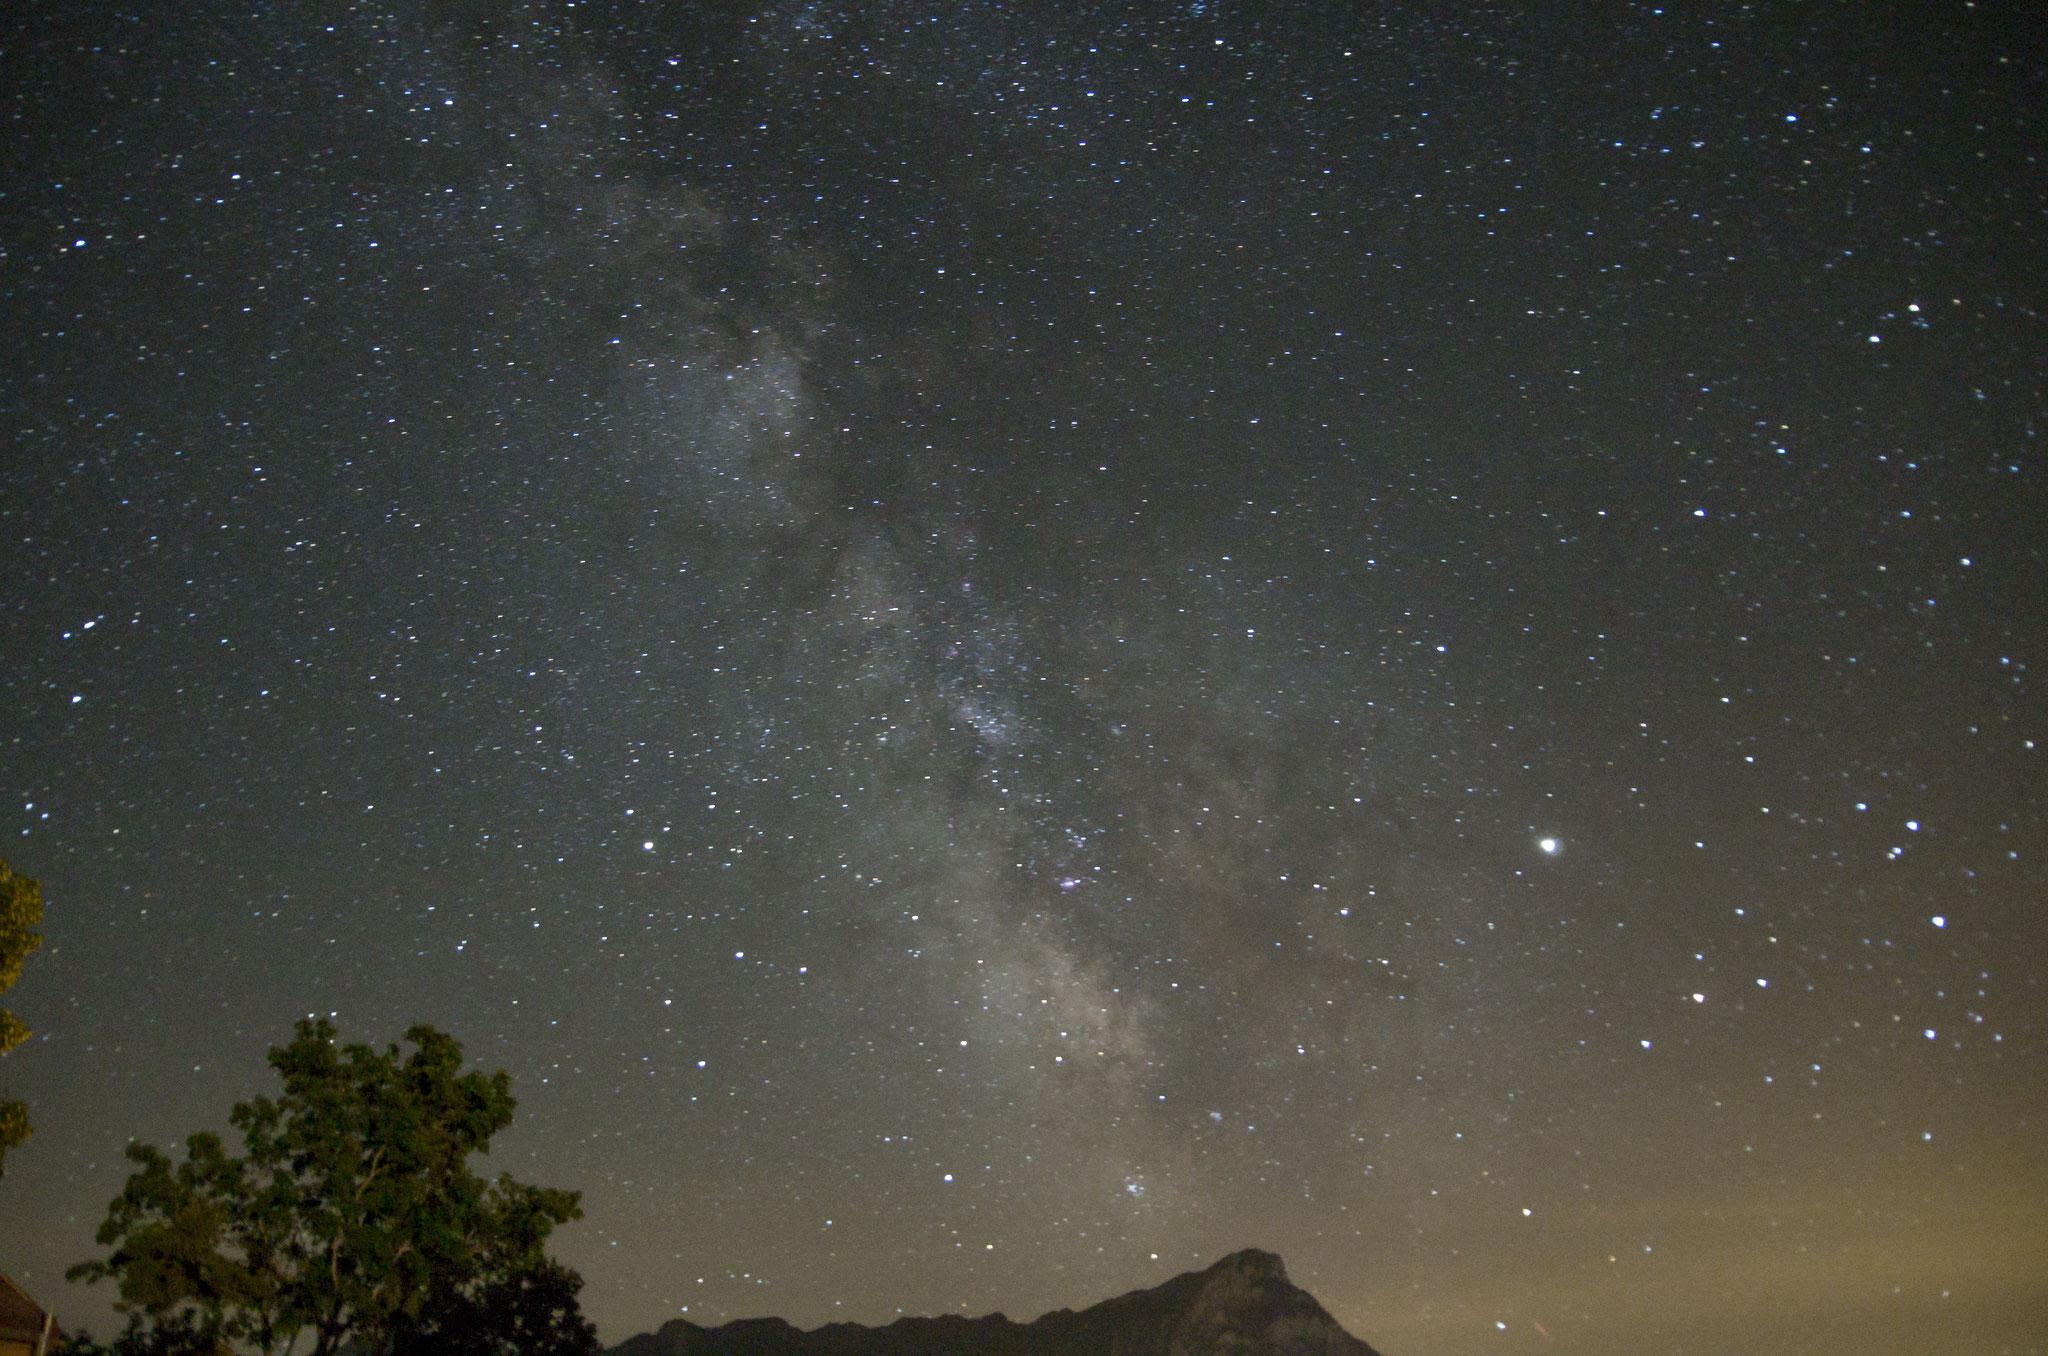 Voie lactée entre le scorpion/Jupiter et le sagittaire/saturne - Loïc Thulliez - Hautes Alpes - prise unique 35 s à 6400 iso- pentaxK50 sur trépied - objectif 18mm à ouverture 3,5 (équivalent à 31 mm) - traitement sous Lightroom